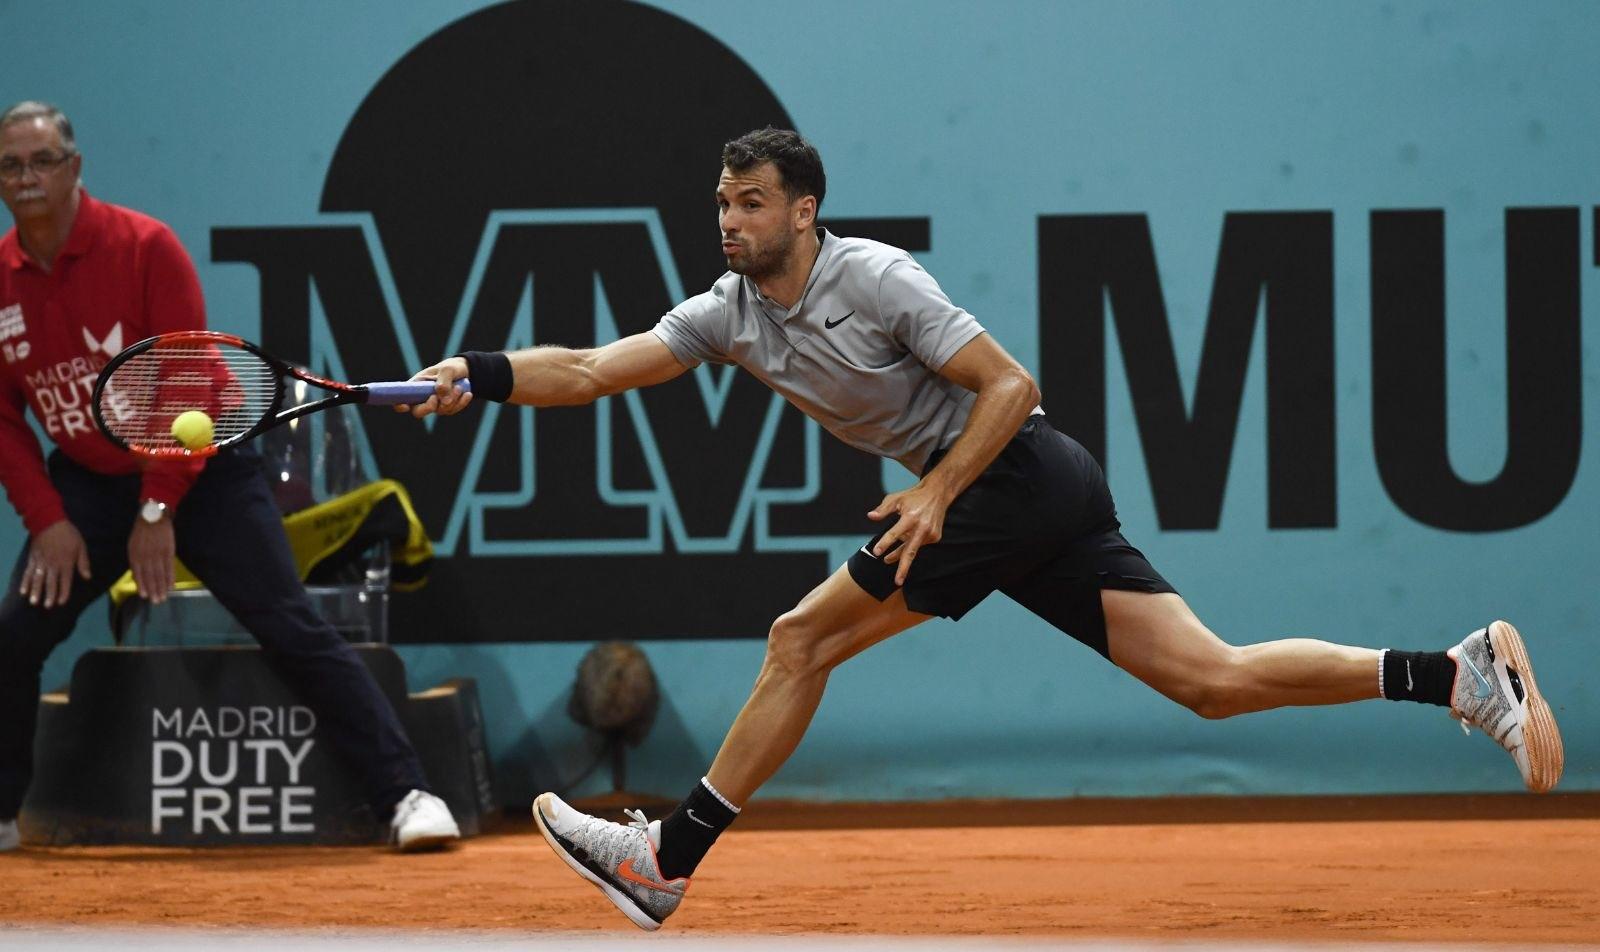 Най-добрият ни тенисист Григор Димитров загуби от канадеца Милош Раонич